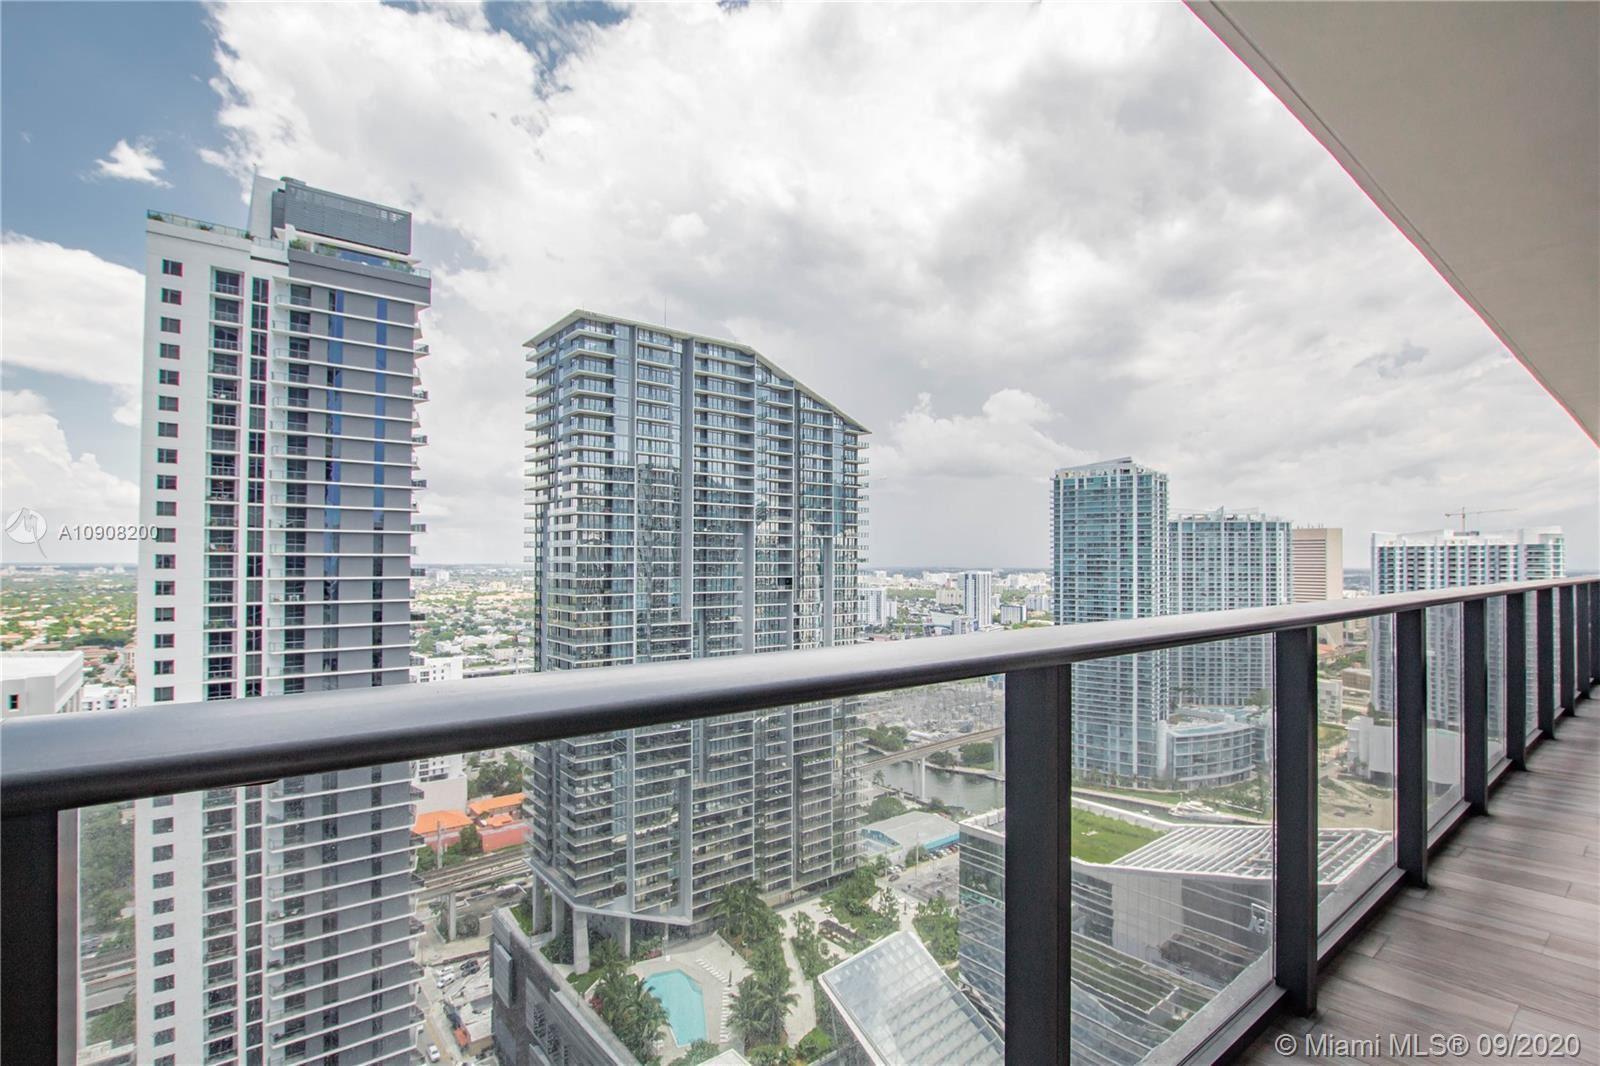 801 S Miami ave #3510, Miami, FL 33130 - #: A10908200